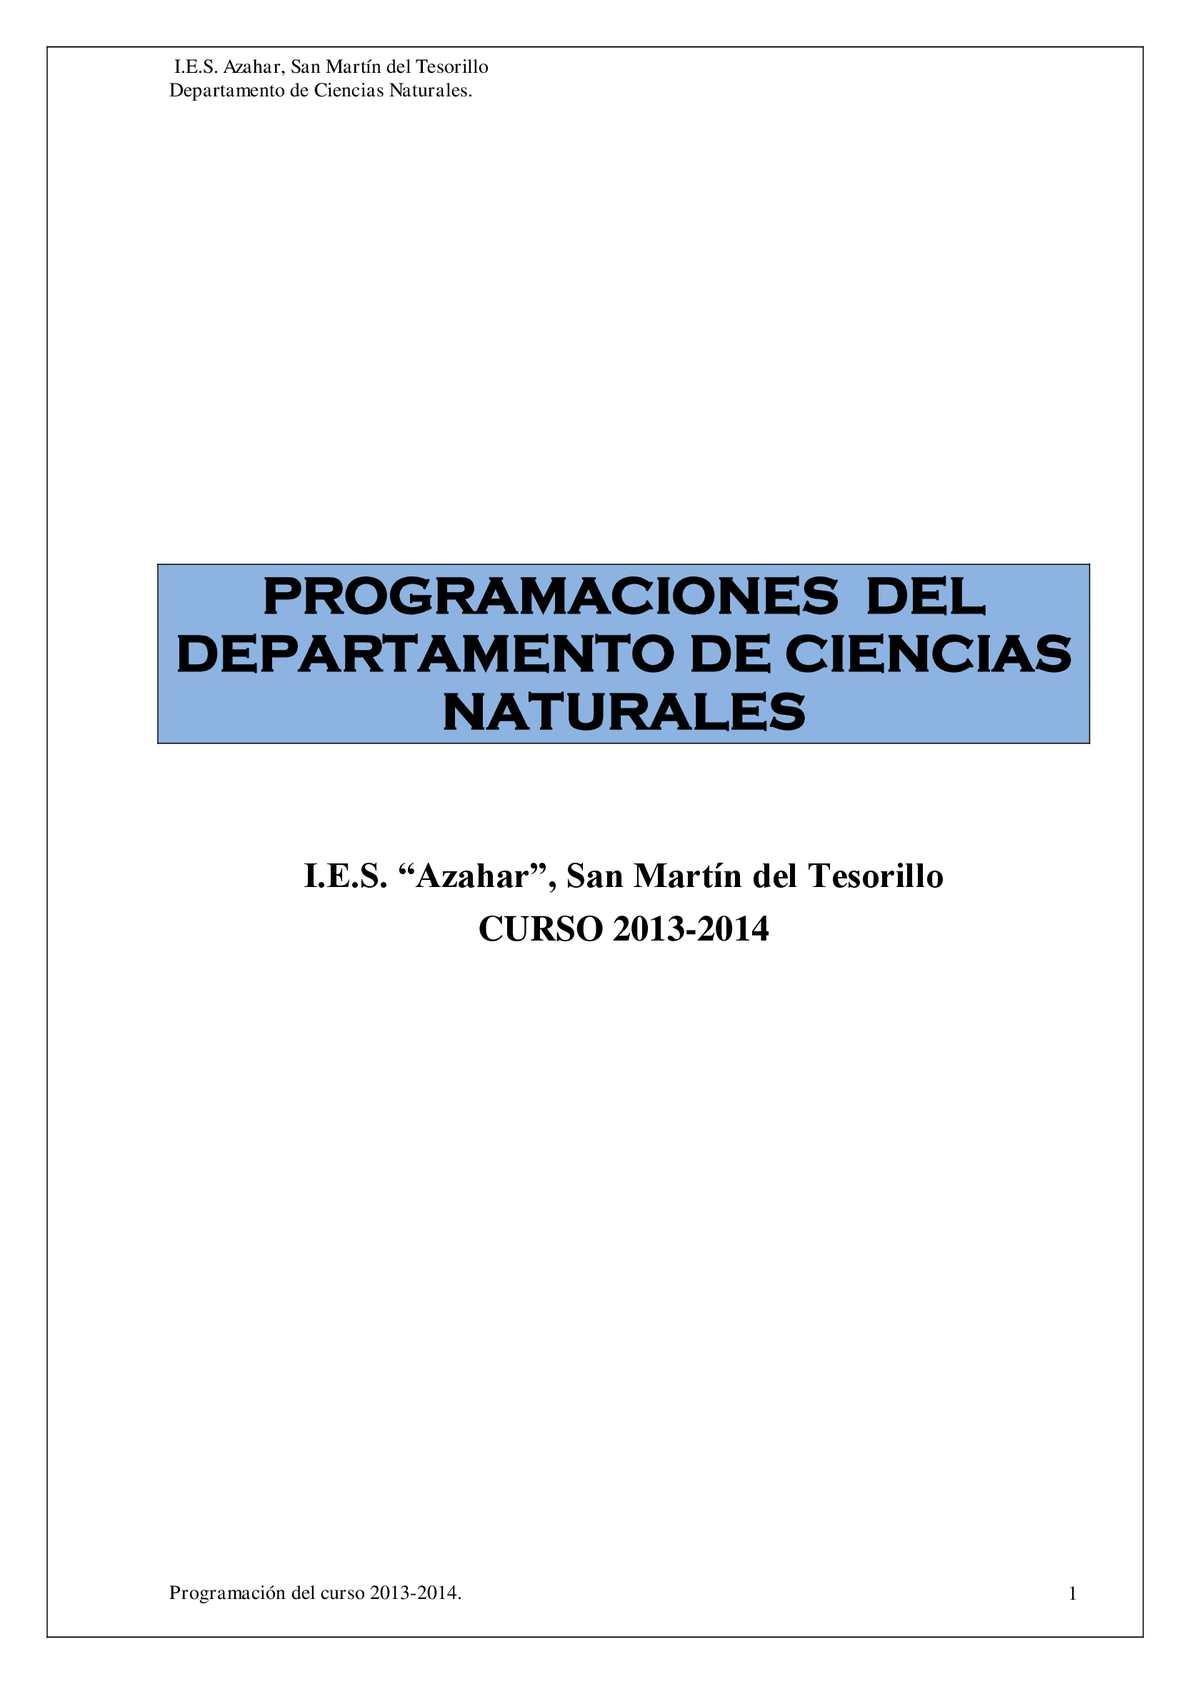 Calaméo - Programación CCNN 13-14